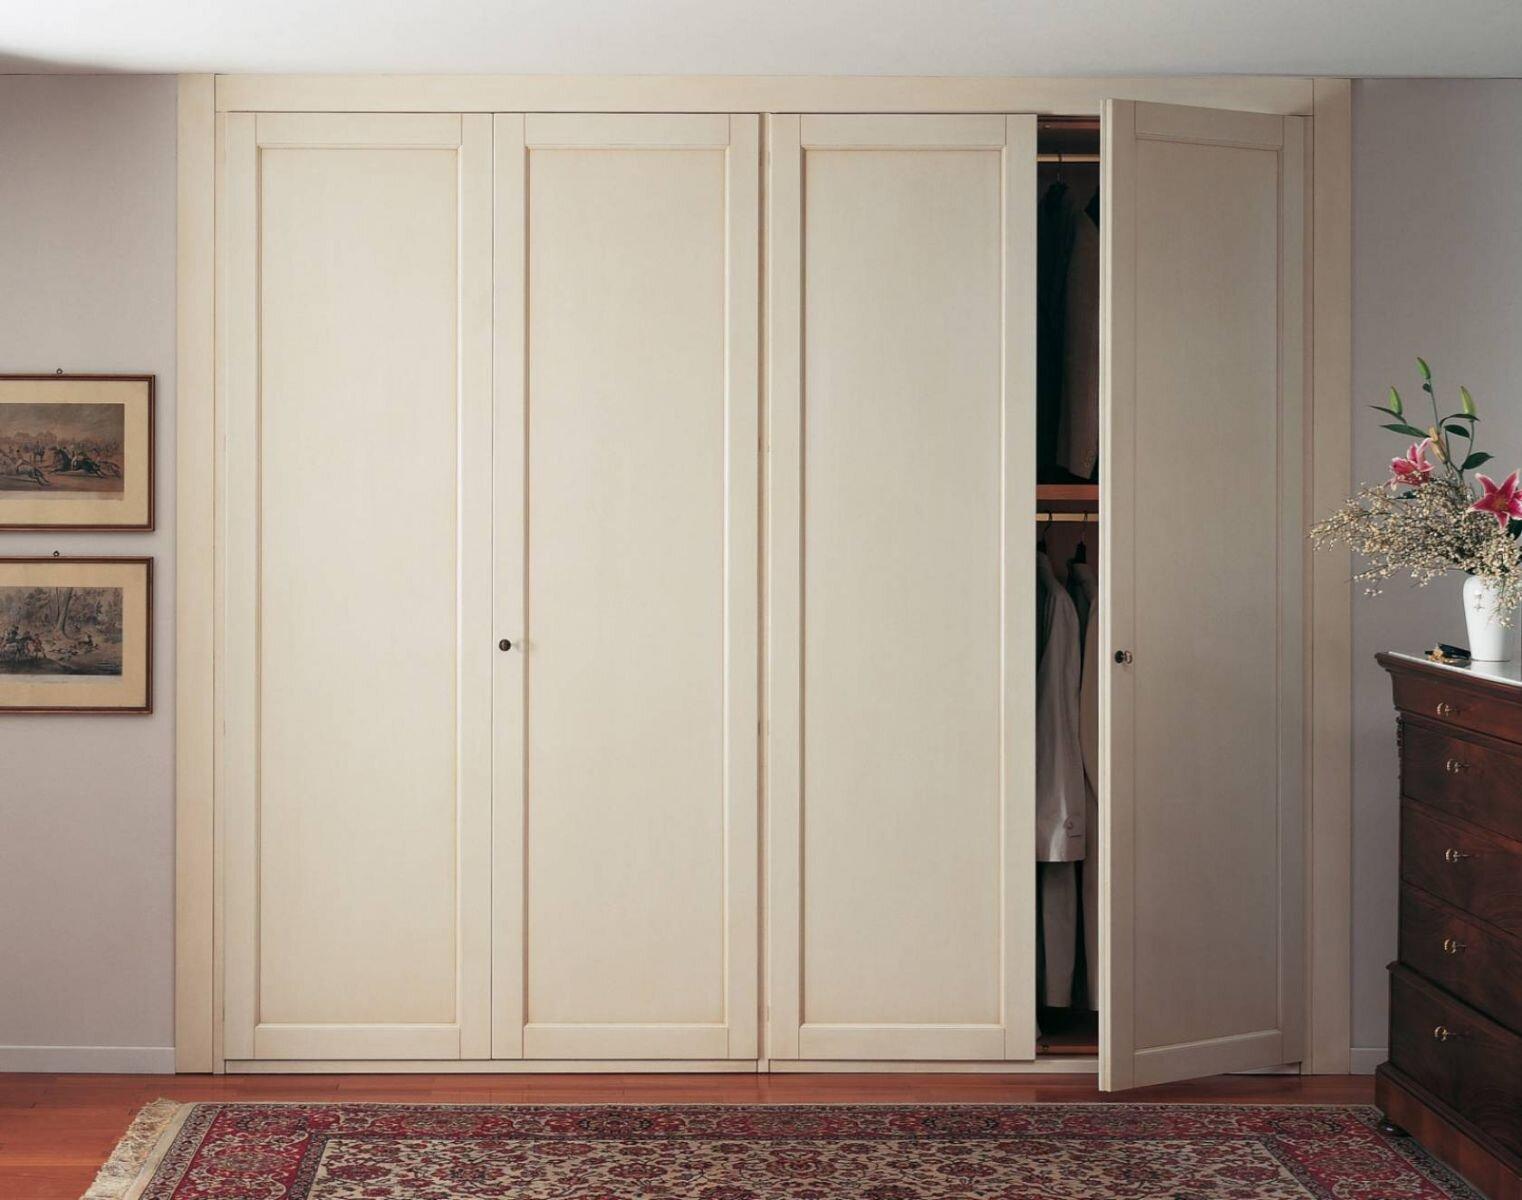 Không lo bị mối mọt tấn công với tủ quần áo gỗ sồi chất lượng